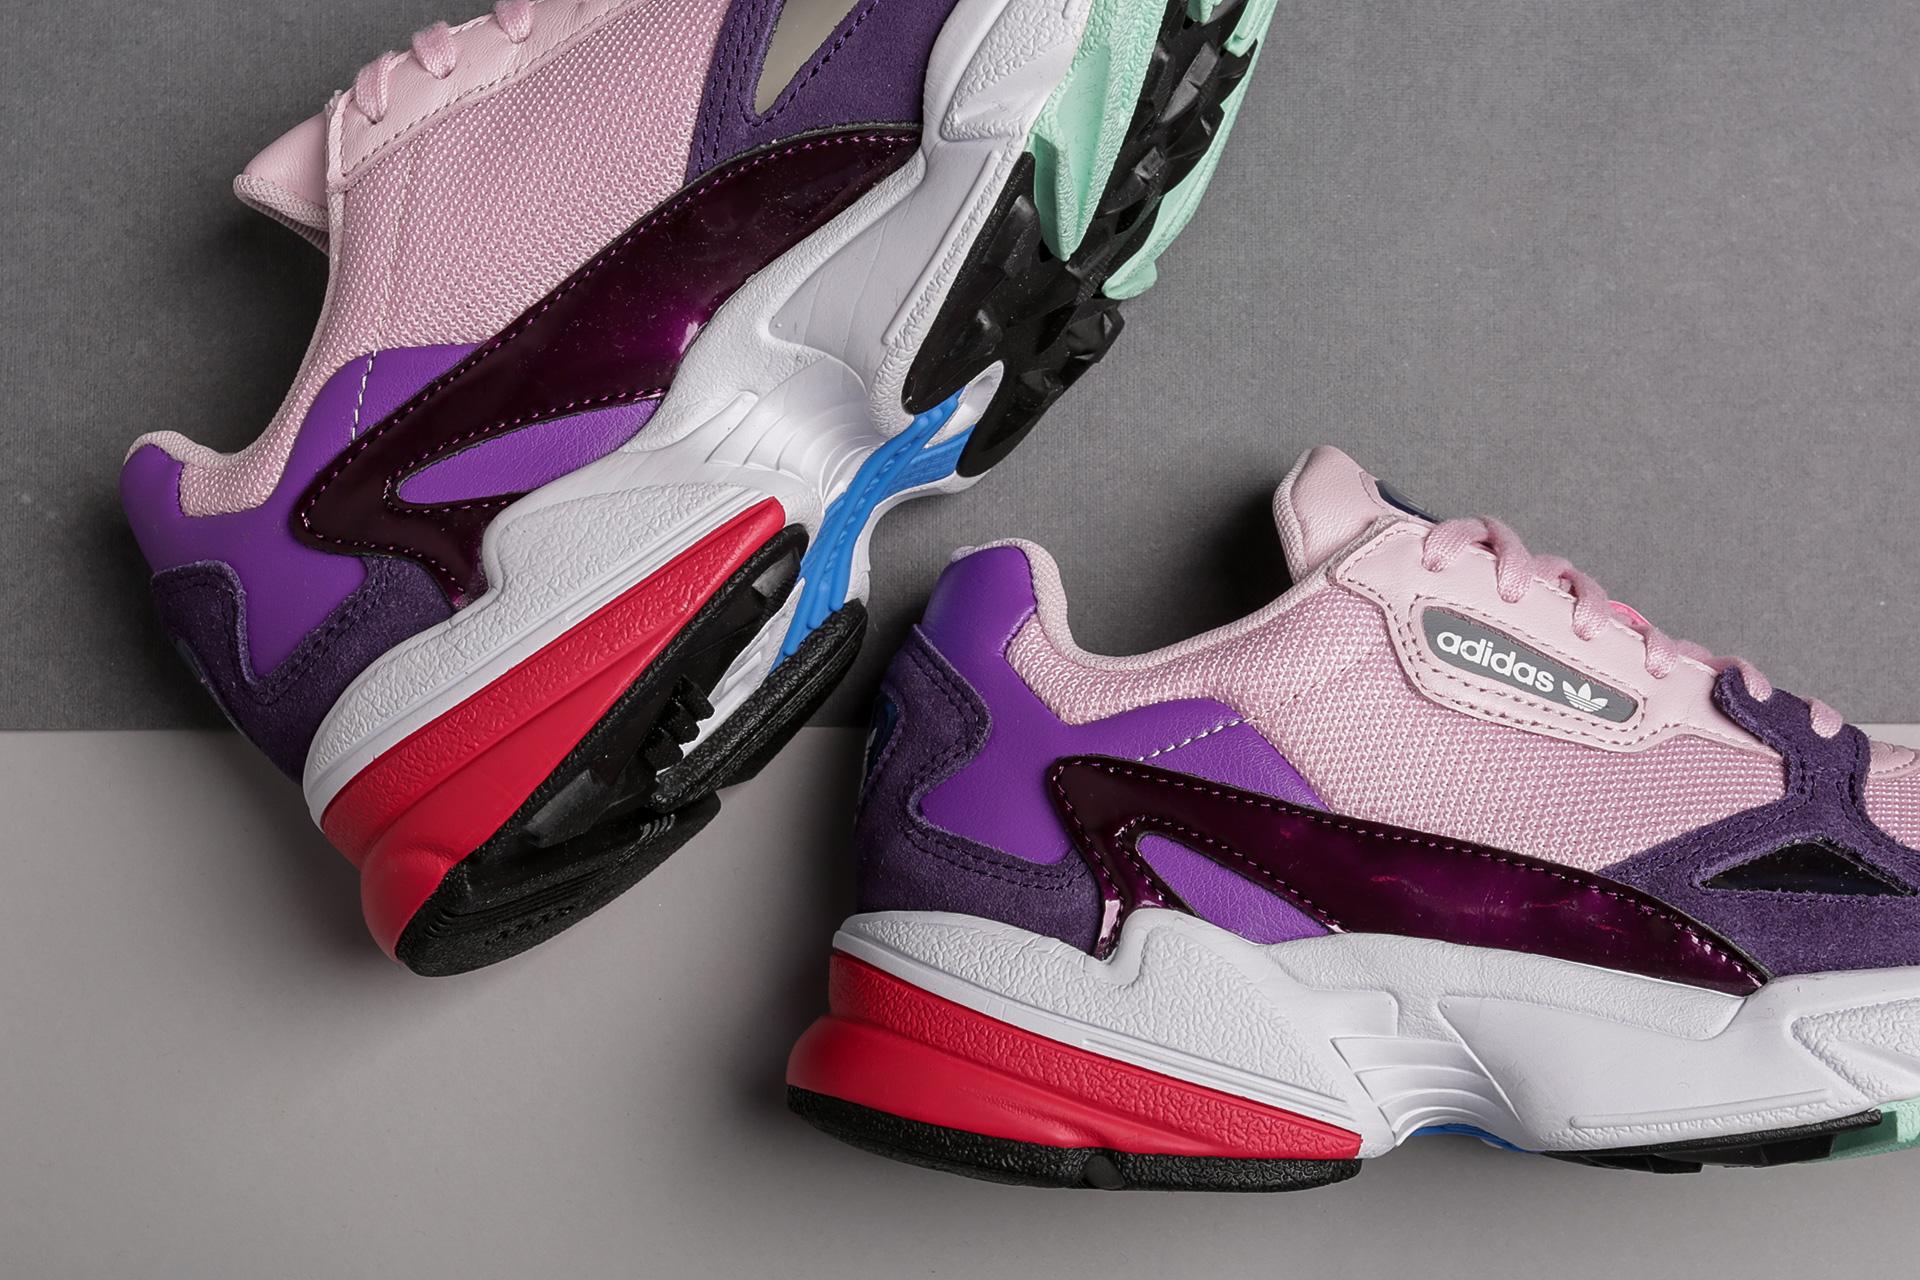 27f5d8e09cd4 Кроссовки Adidas Originals - Купить кроссовки Адидас в каталогах с ценами  Sneakerhead